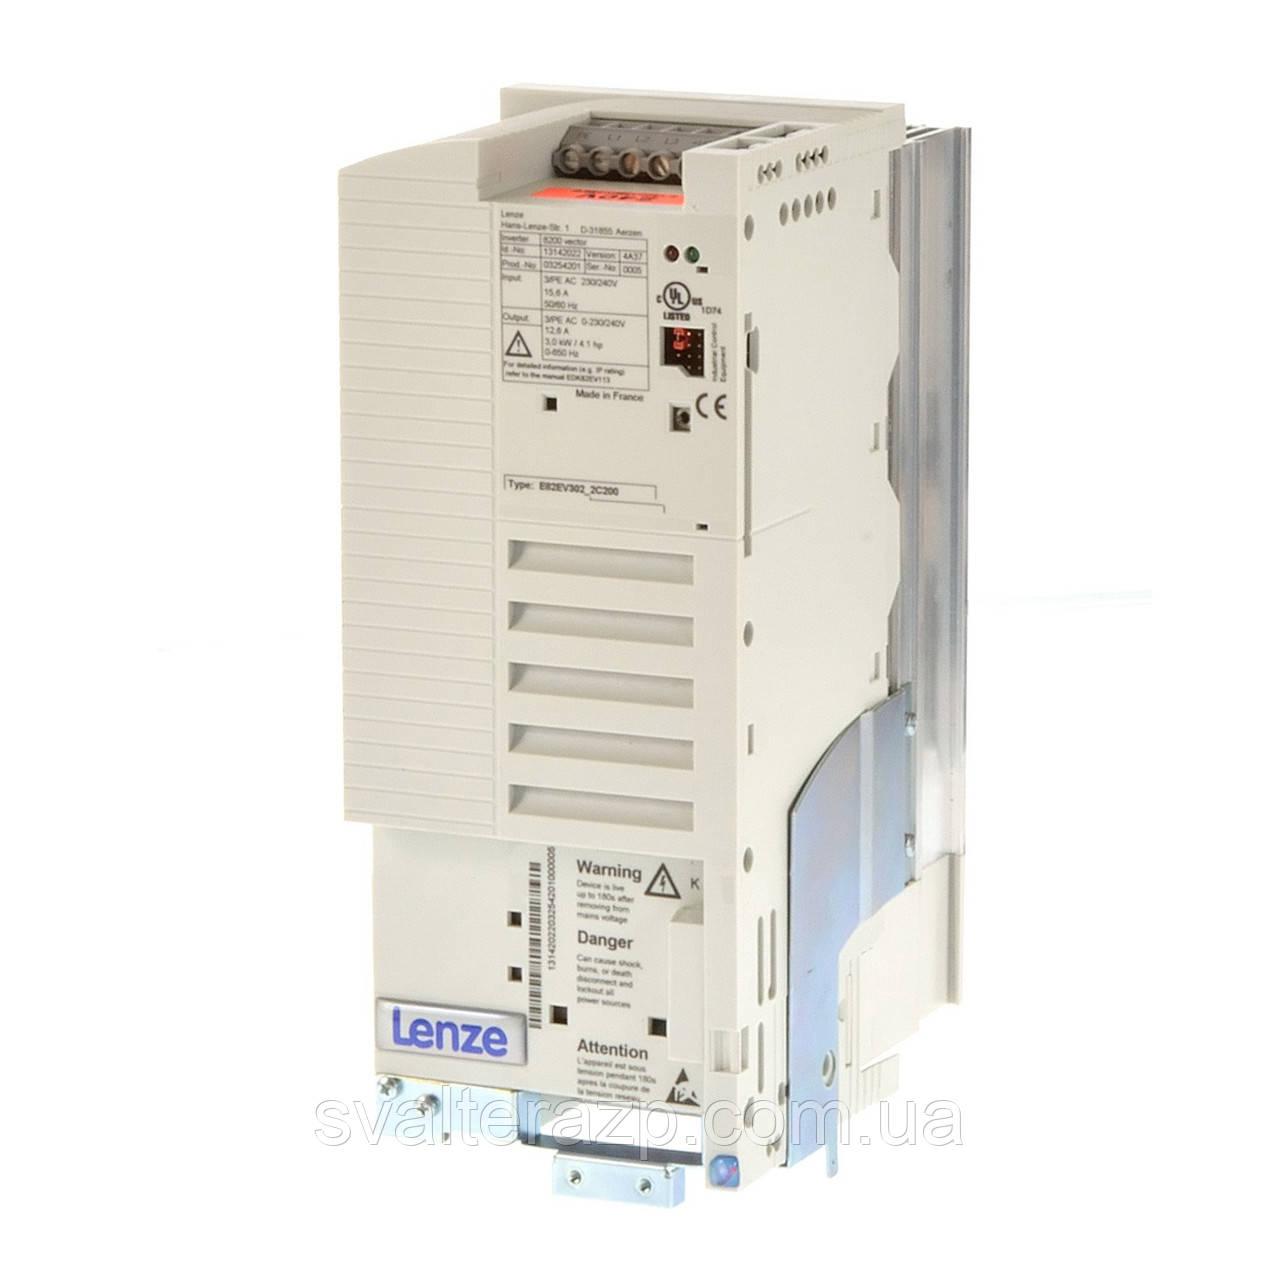 Преобразователь частоты Lenze Vector E82EV113K4C